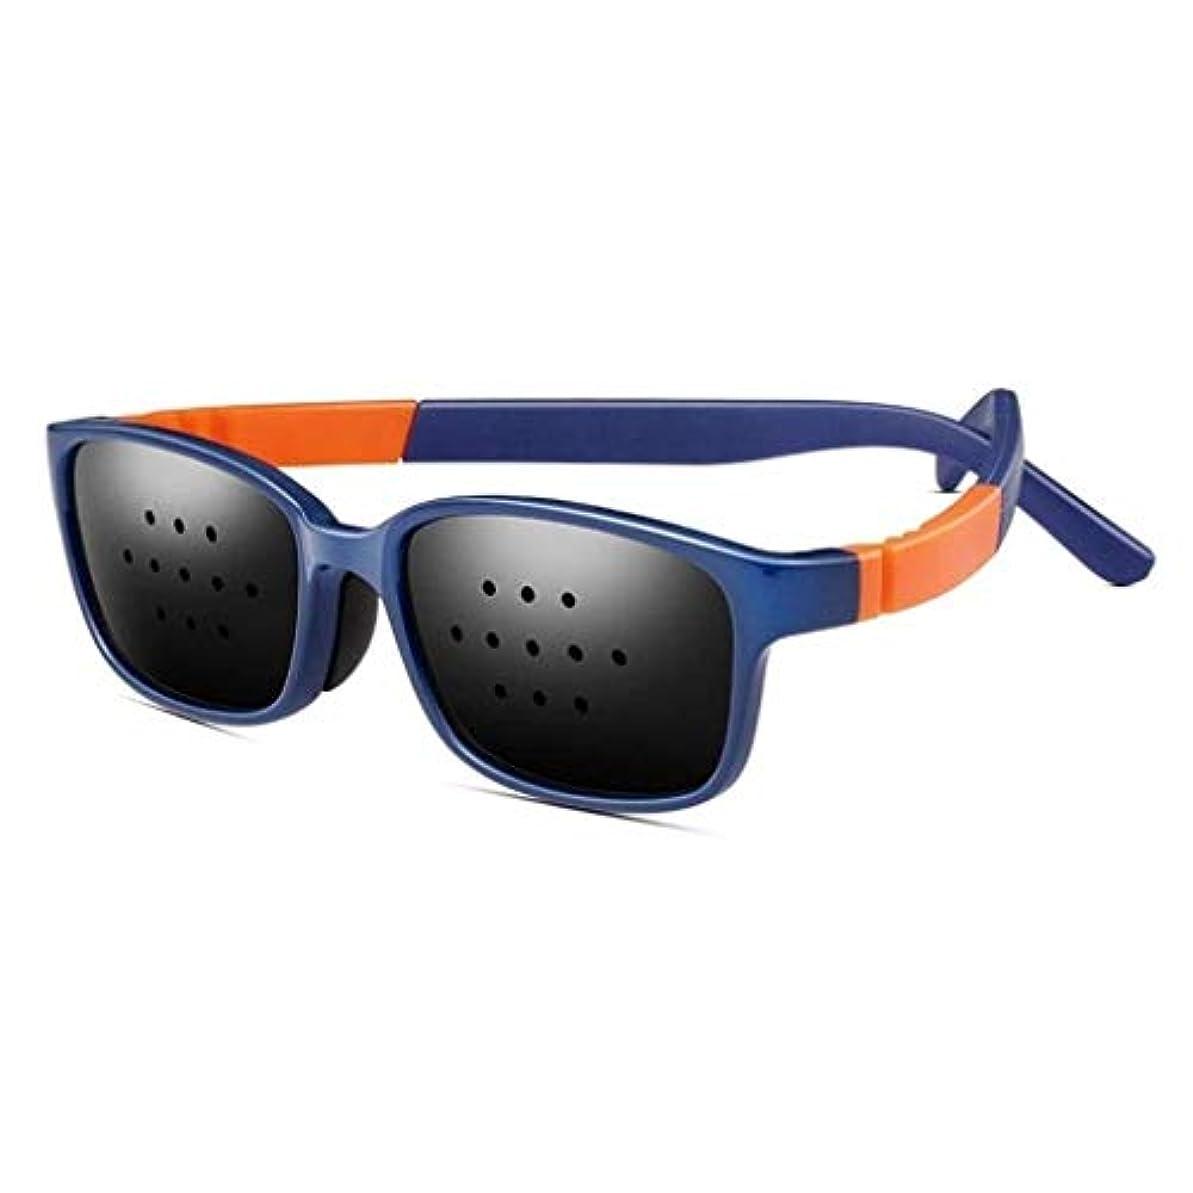 ハチホーン傾くユニセックス視力ビジョンケアビジョン改善ピンホールメガネ目エクササイズファッションナチュラル (Color : 紫の)